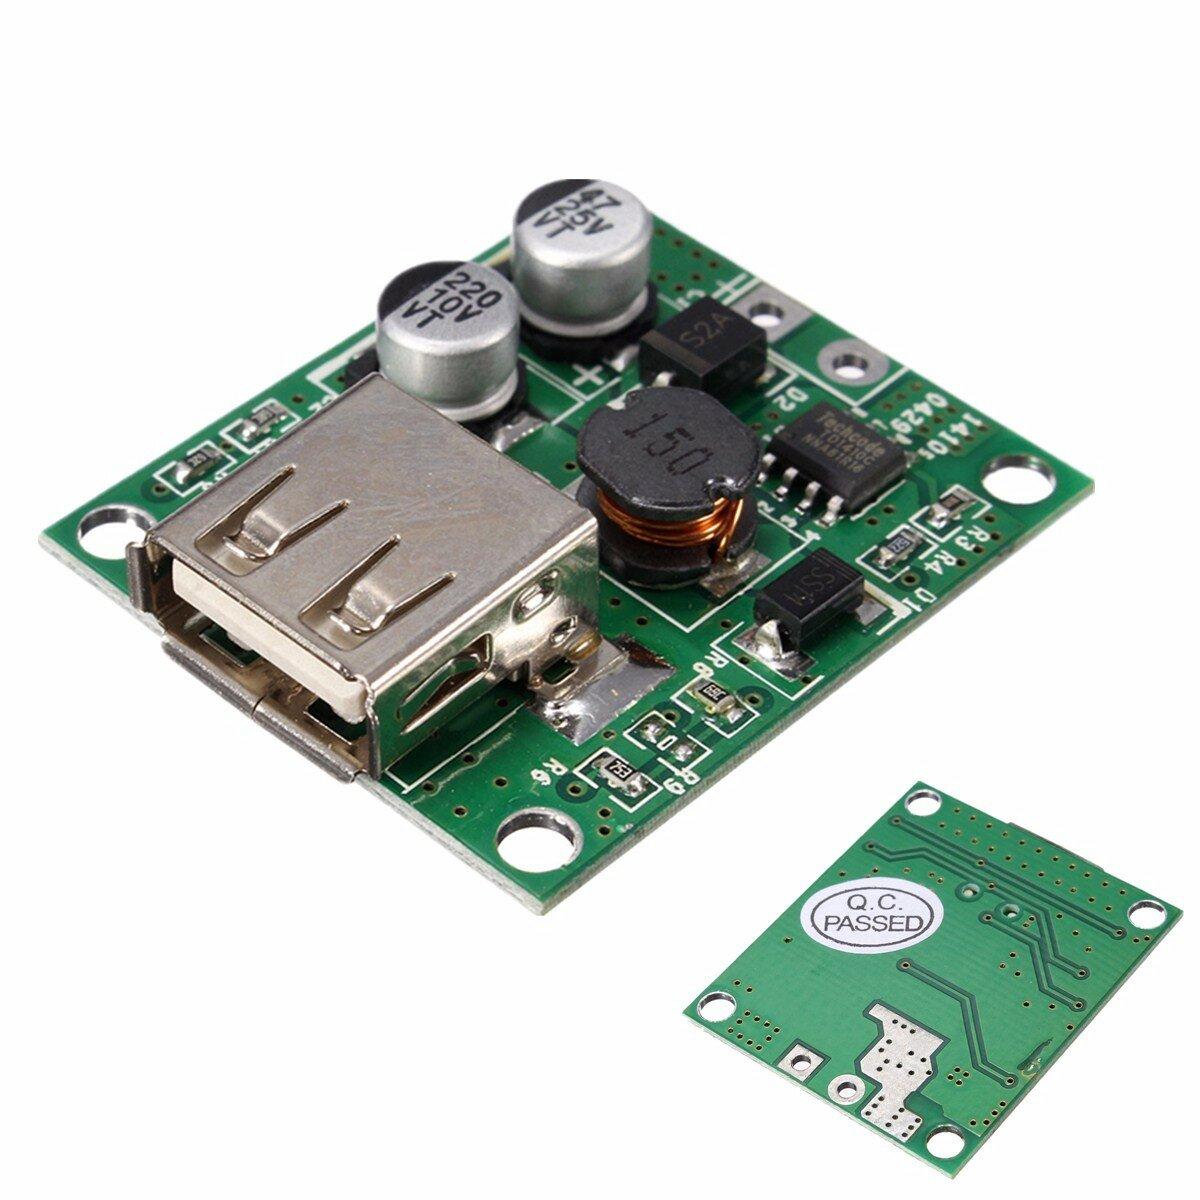 5V 2A Panel słoneczny Bank zasilania USB Regulator napięcia ładowania Regulator Moduł 6V 20V Wejście dla Uniwersalnego Smartphone